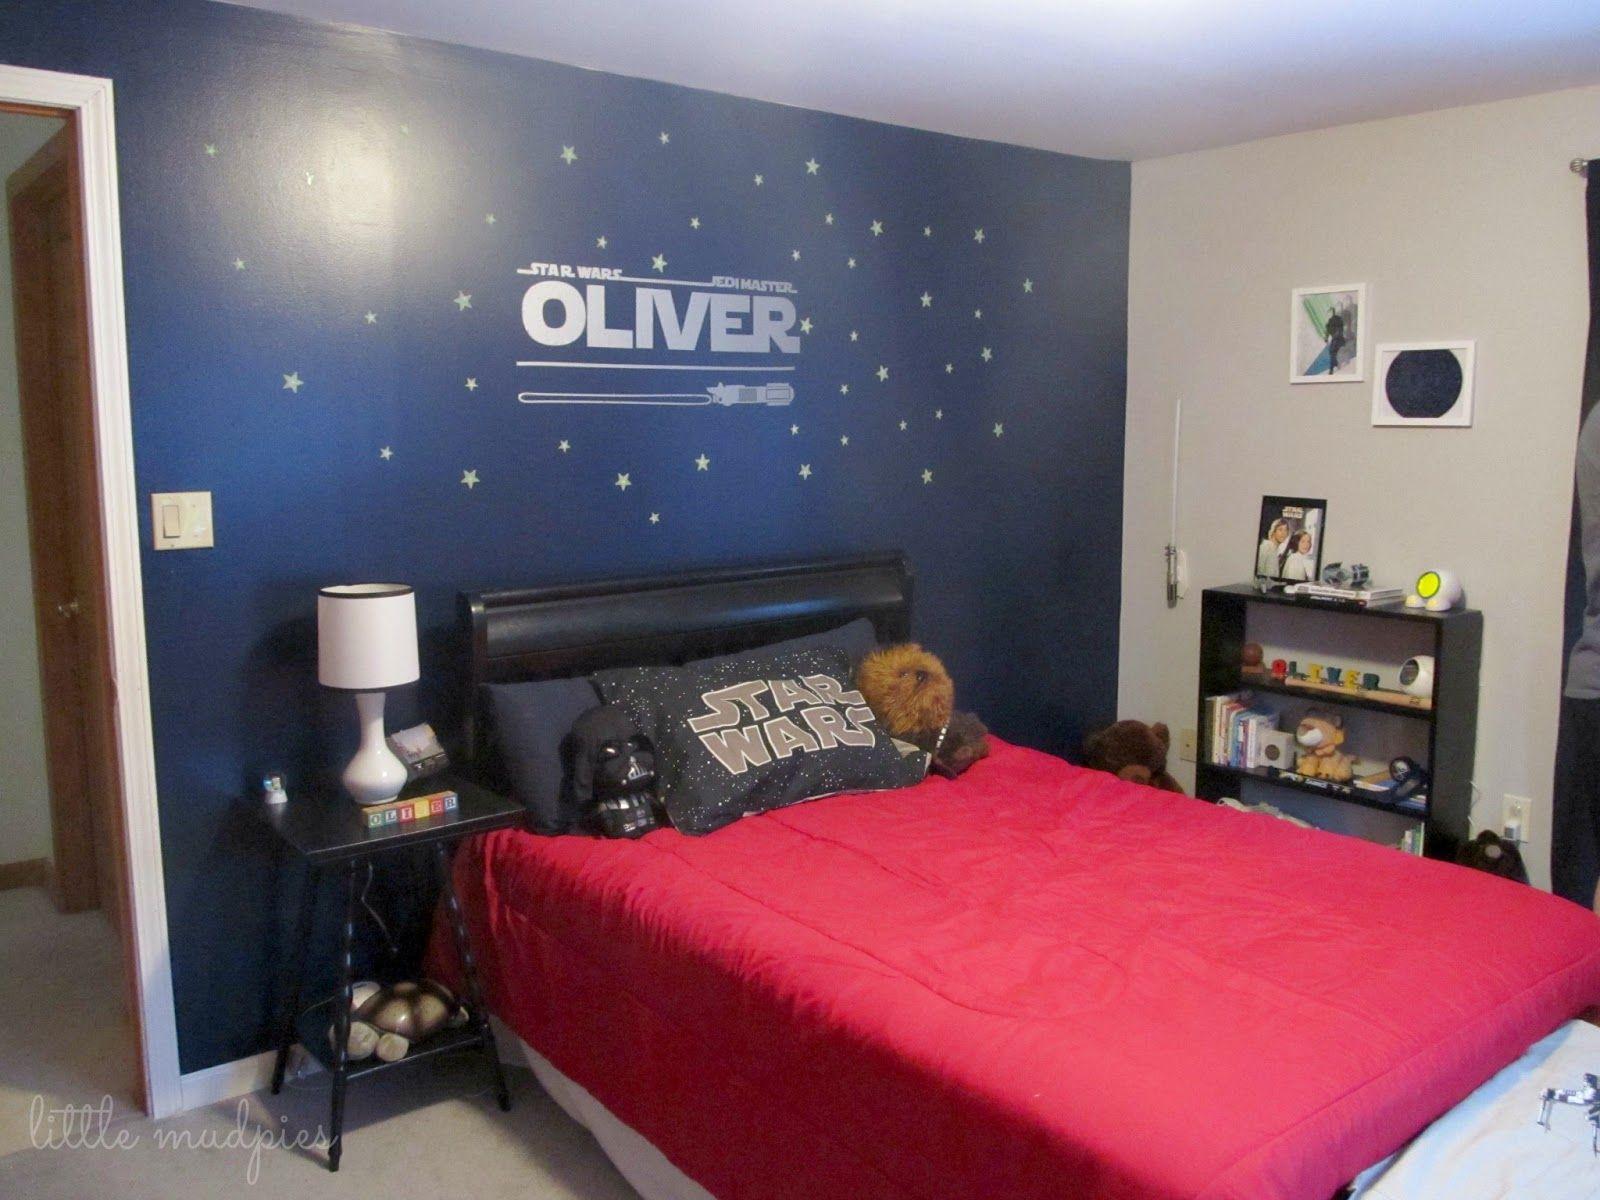 Oliver Gets A New Room Star Wars Bedroom Star Wars Themed Bedroom Star Wars Room